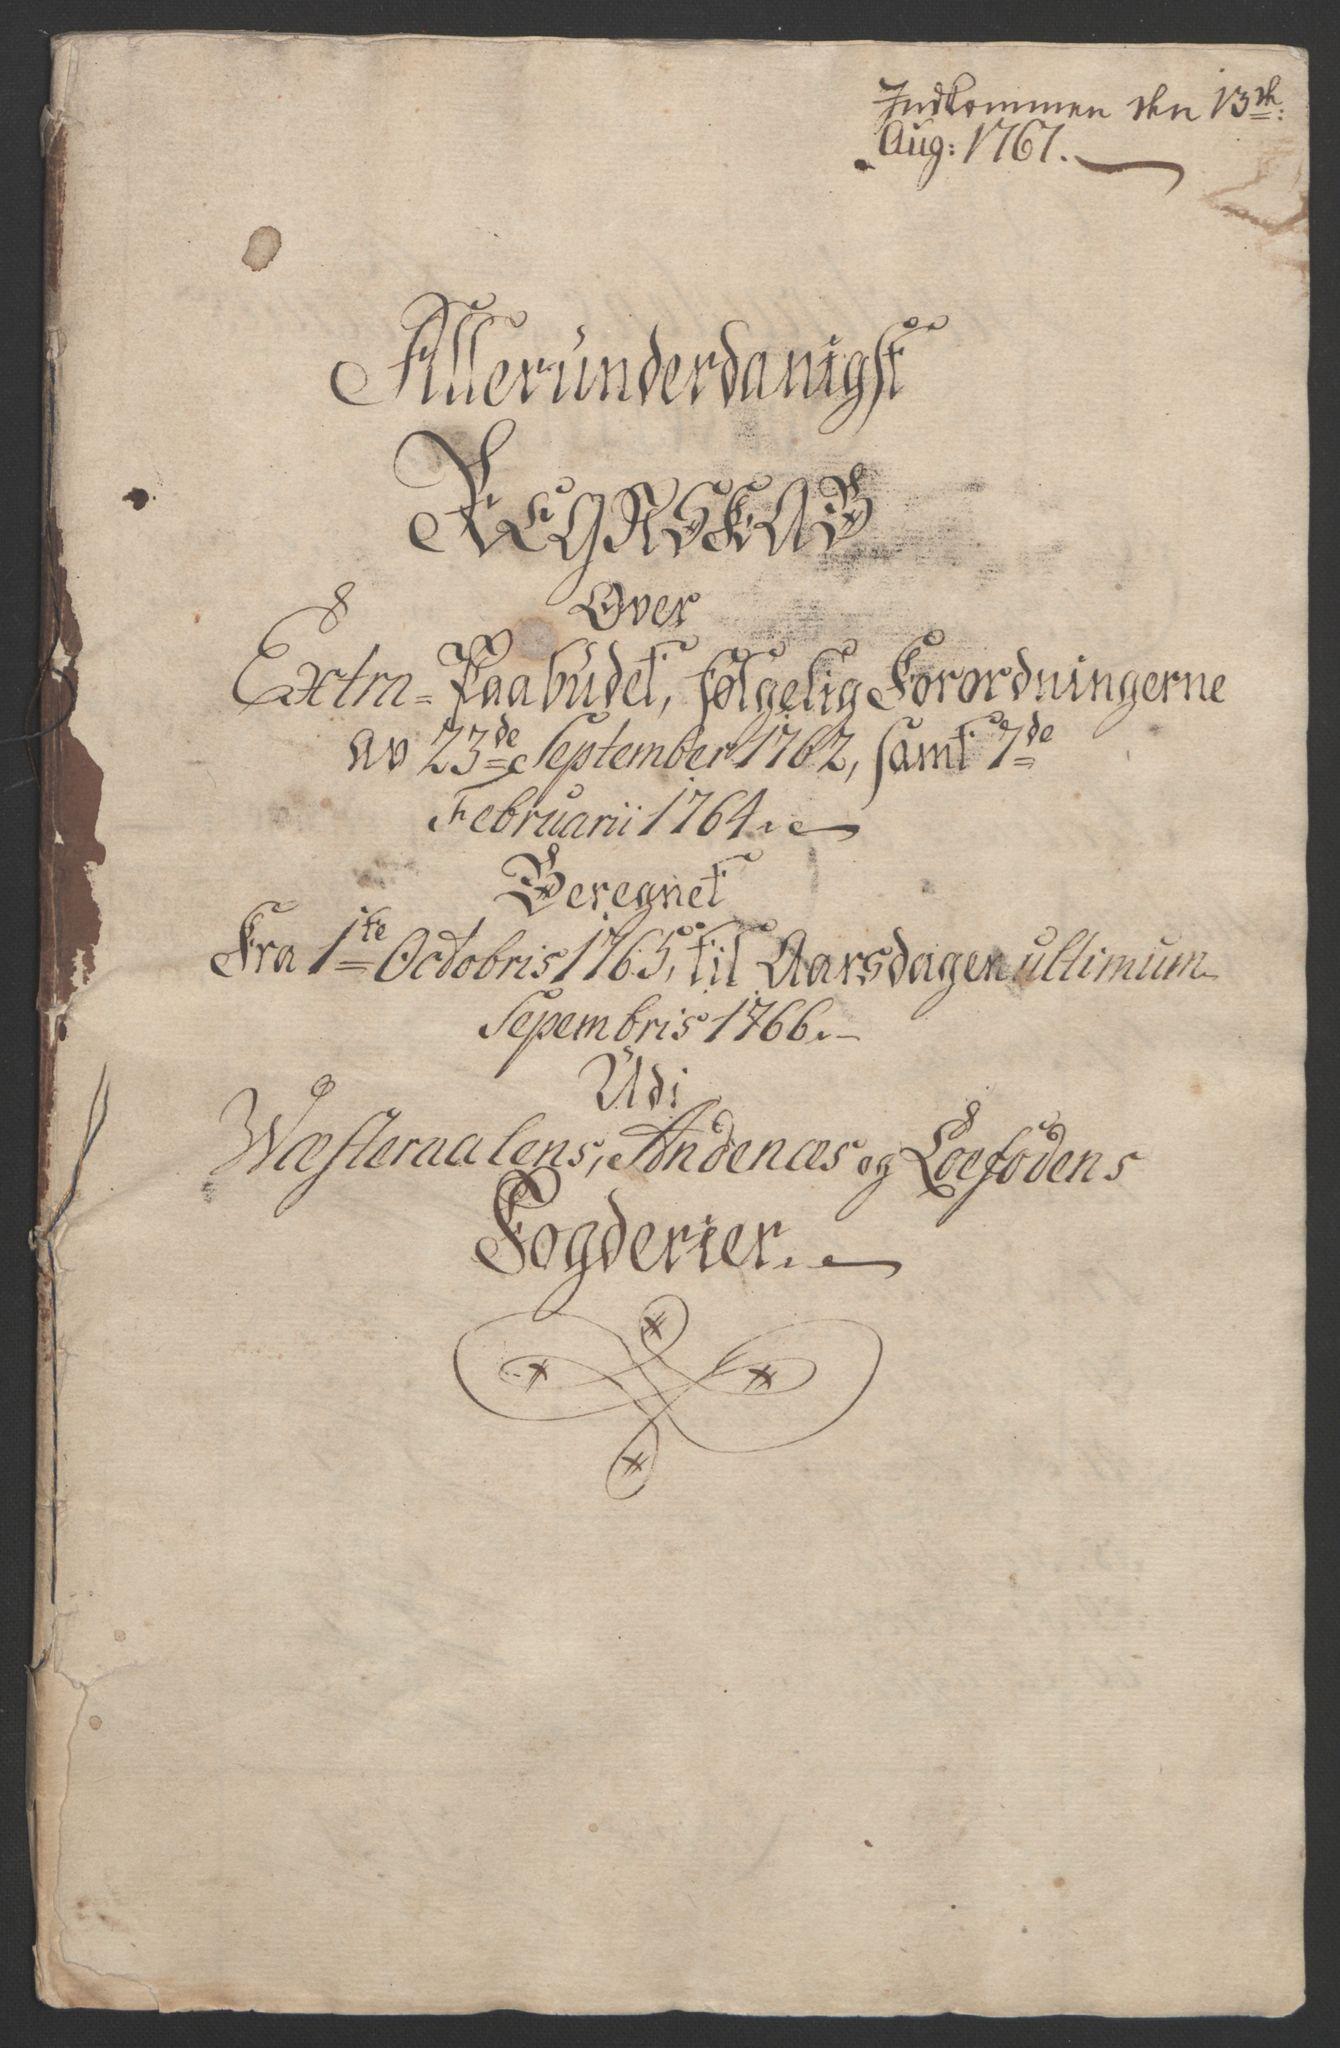 RA, Rentekammeret inntil 1814, Reviderte regnskaper, Fogderegnskap, R67/L4747: Ekstraskatten Vesterålen, Andenes og Lofoten, 1762-1766, s. 442